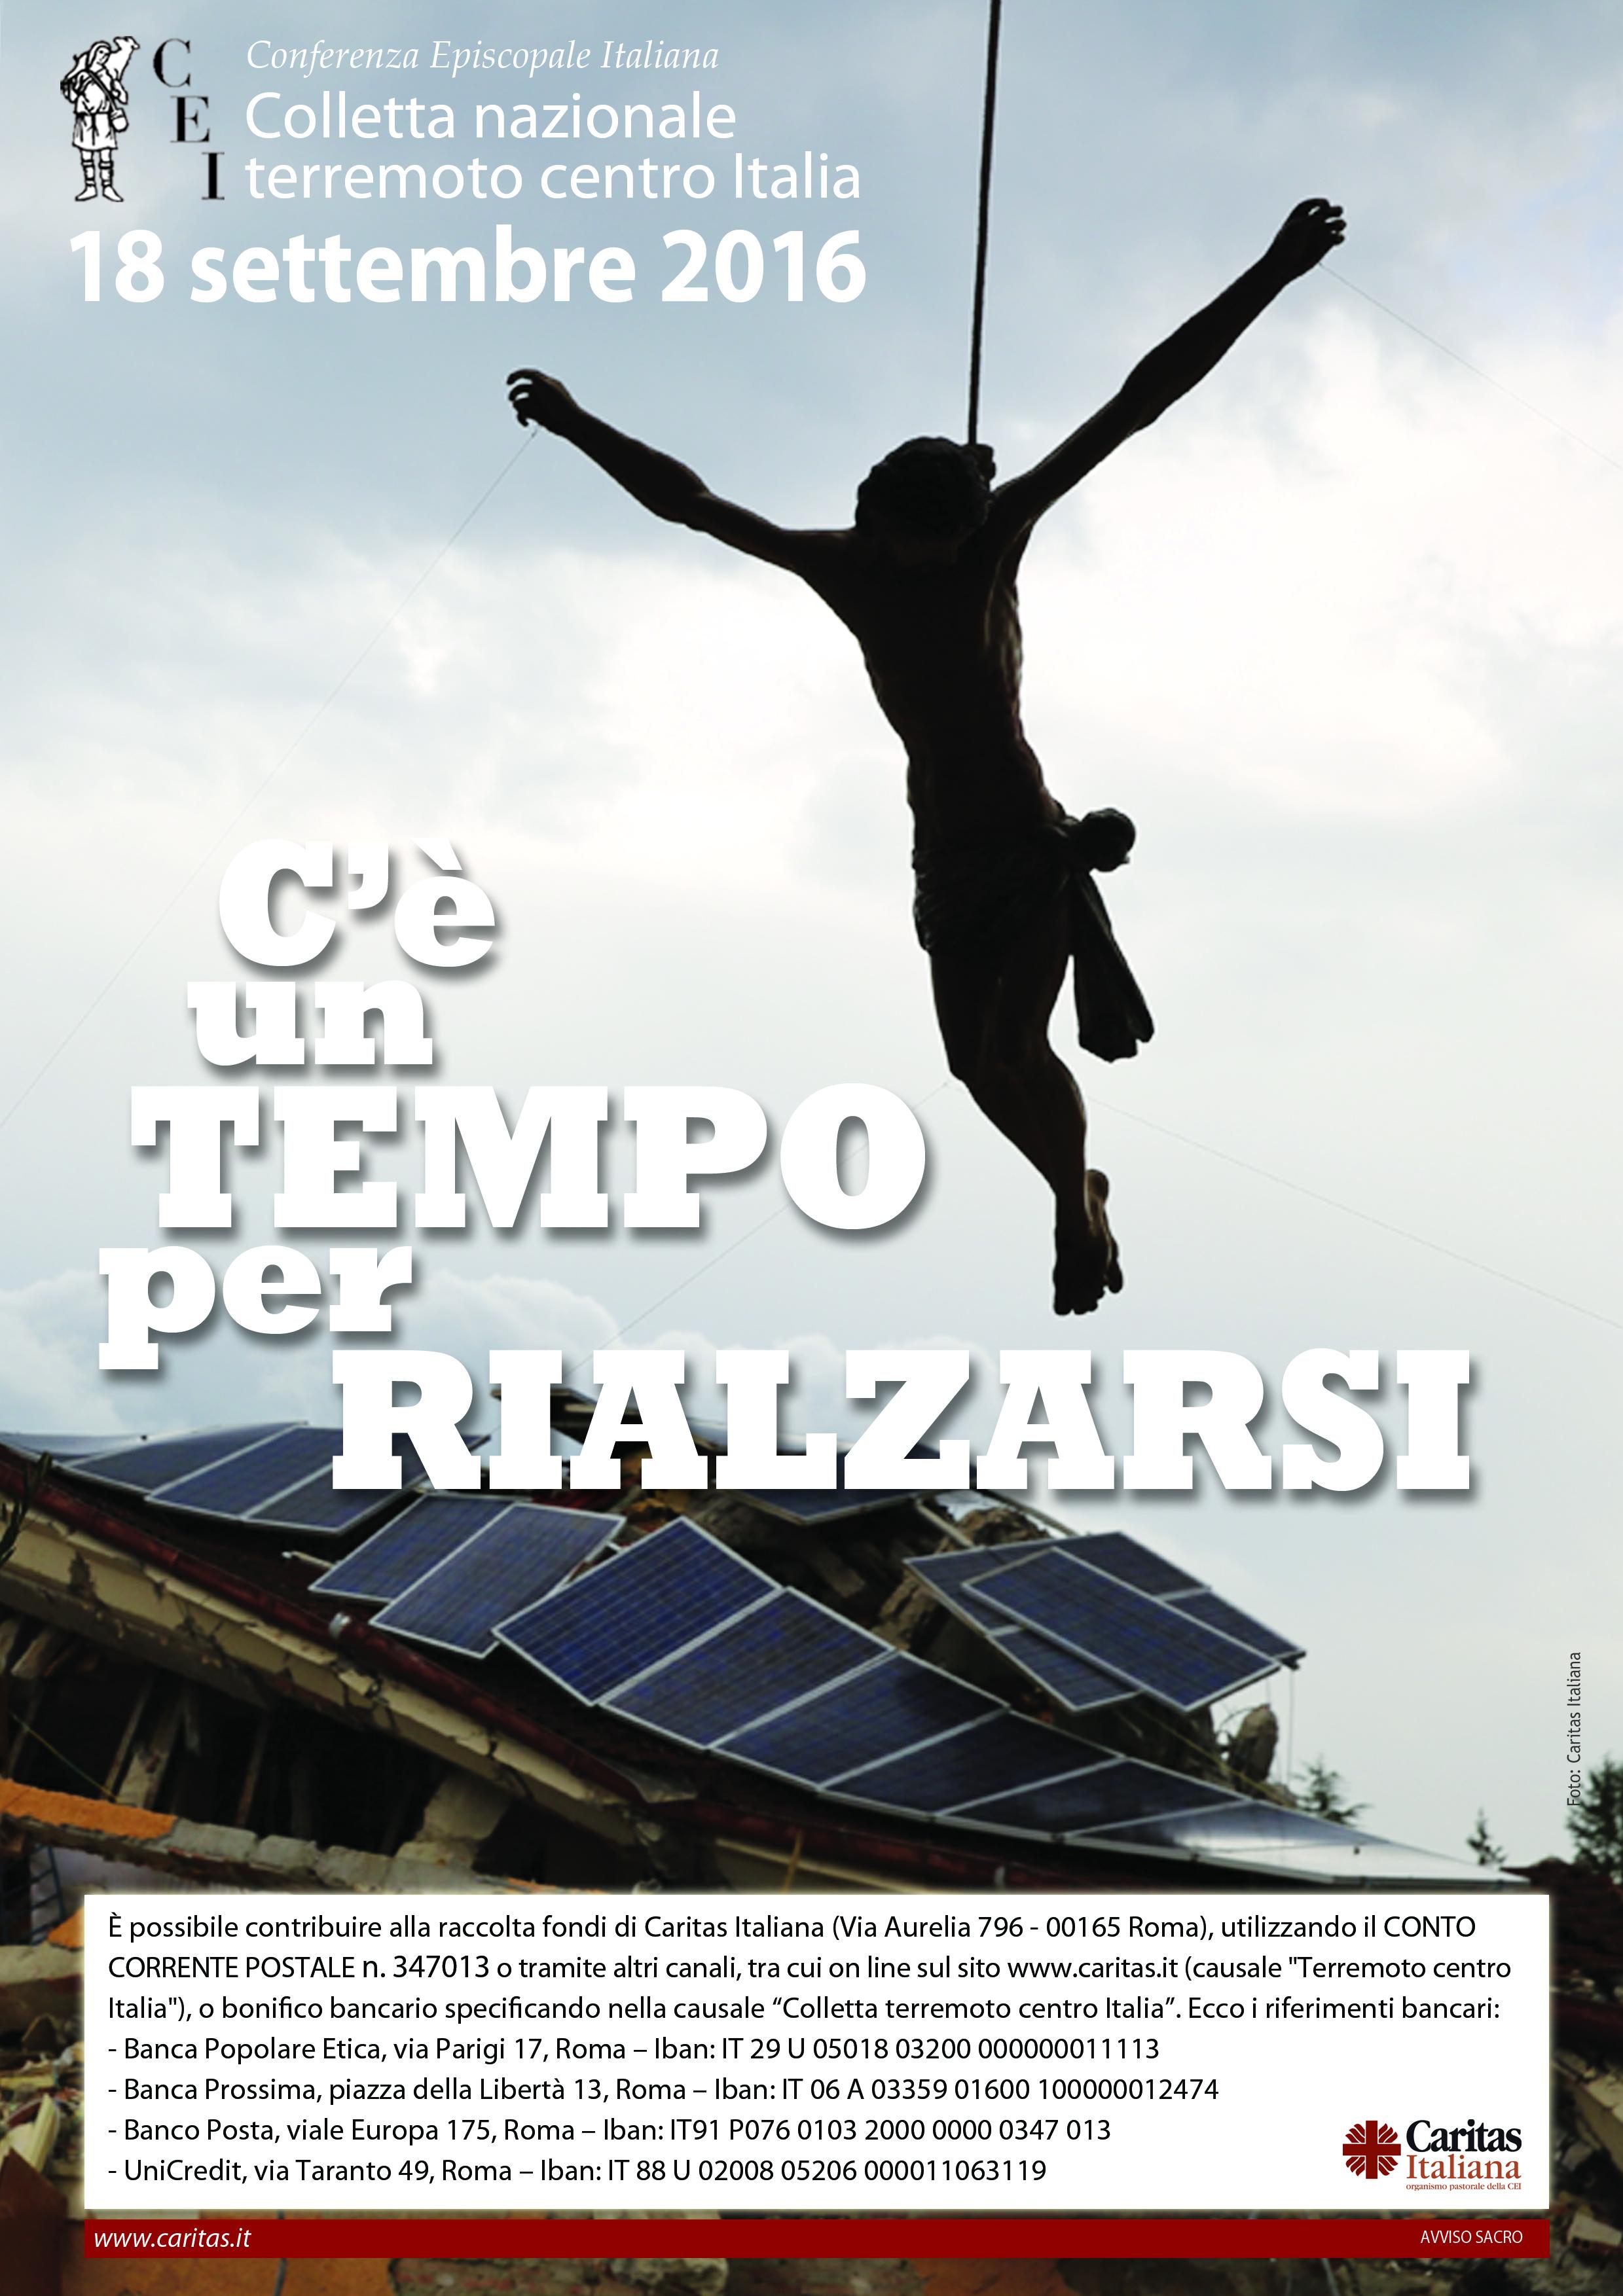 locandina_colletta_terremoto2016_ufficiale